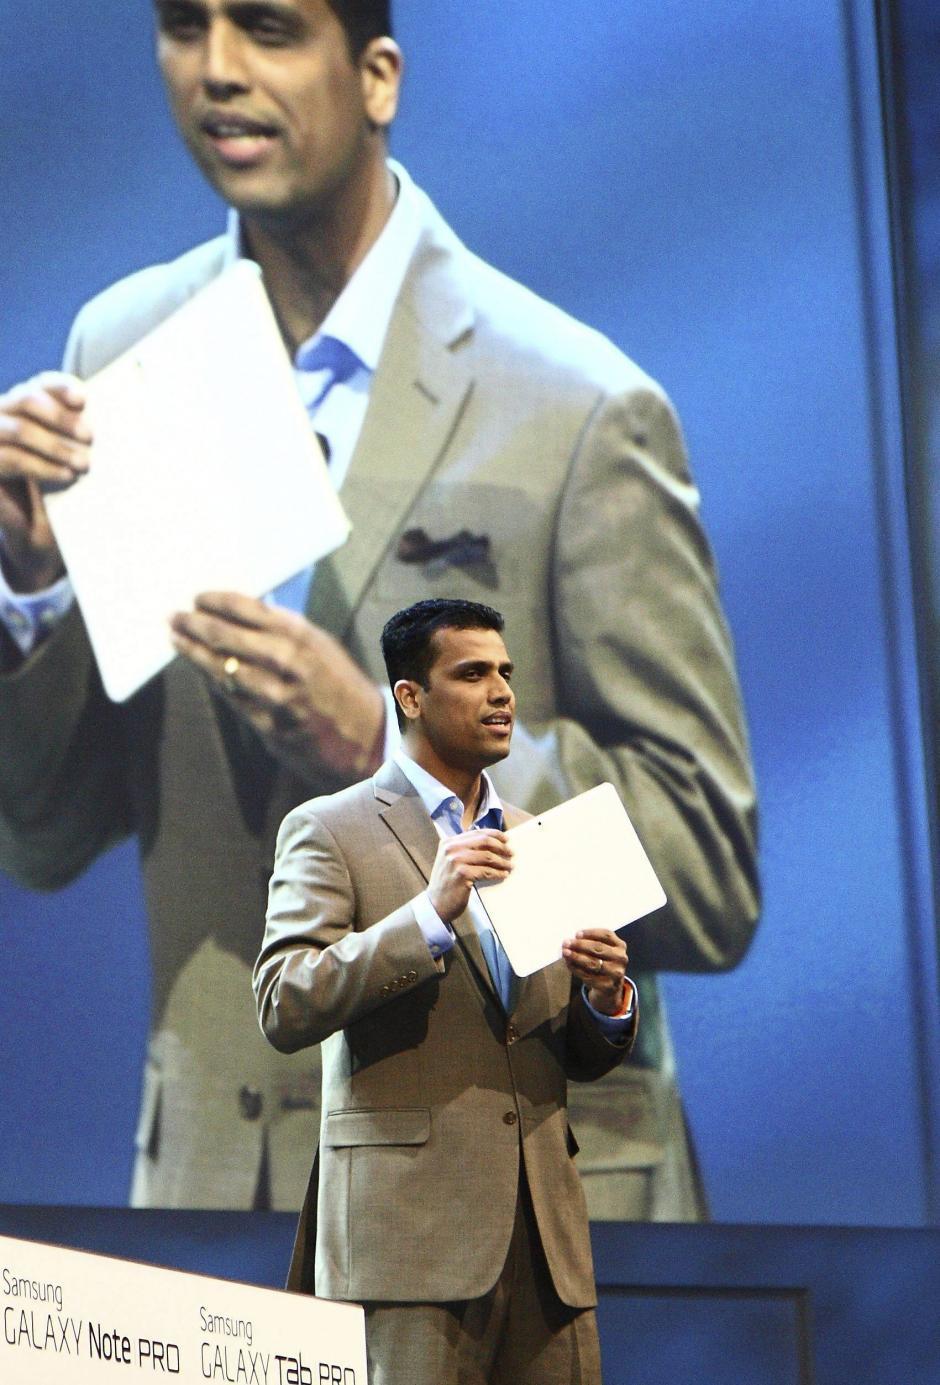 El vicepresidente de Samsung Electronics Co. en Estados Unidos, Nanda Ramachandran, presenta la nueva tableta PC de 12,2 pulgadas en la Feria Internacional de Electrónica de Consumo (CES), en Las Vegas (Foto: EFE/Yonhap)